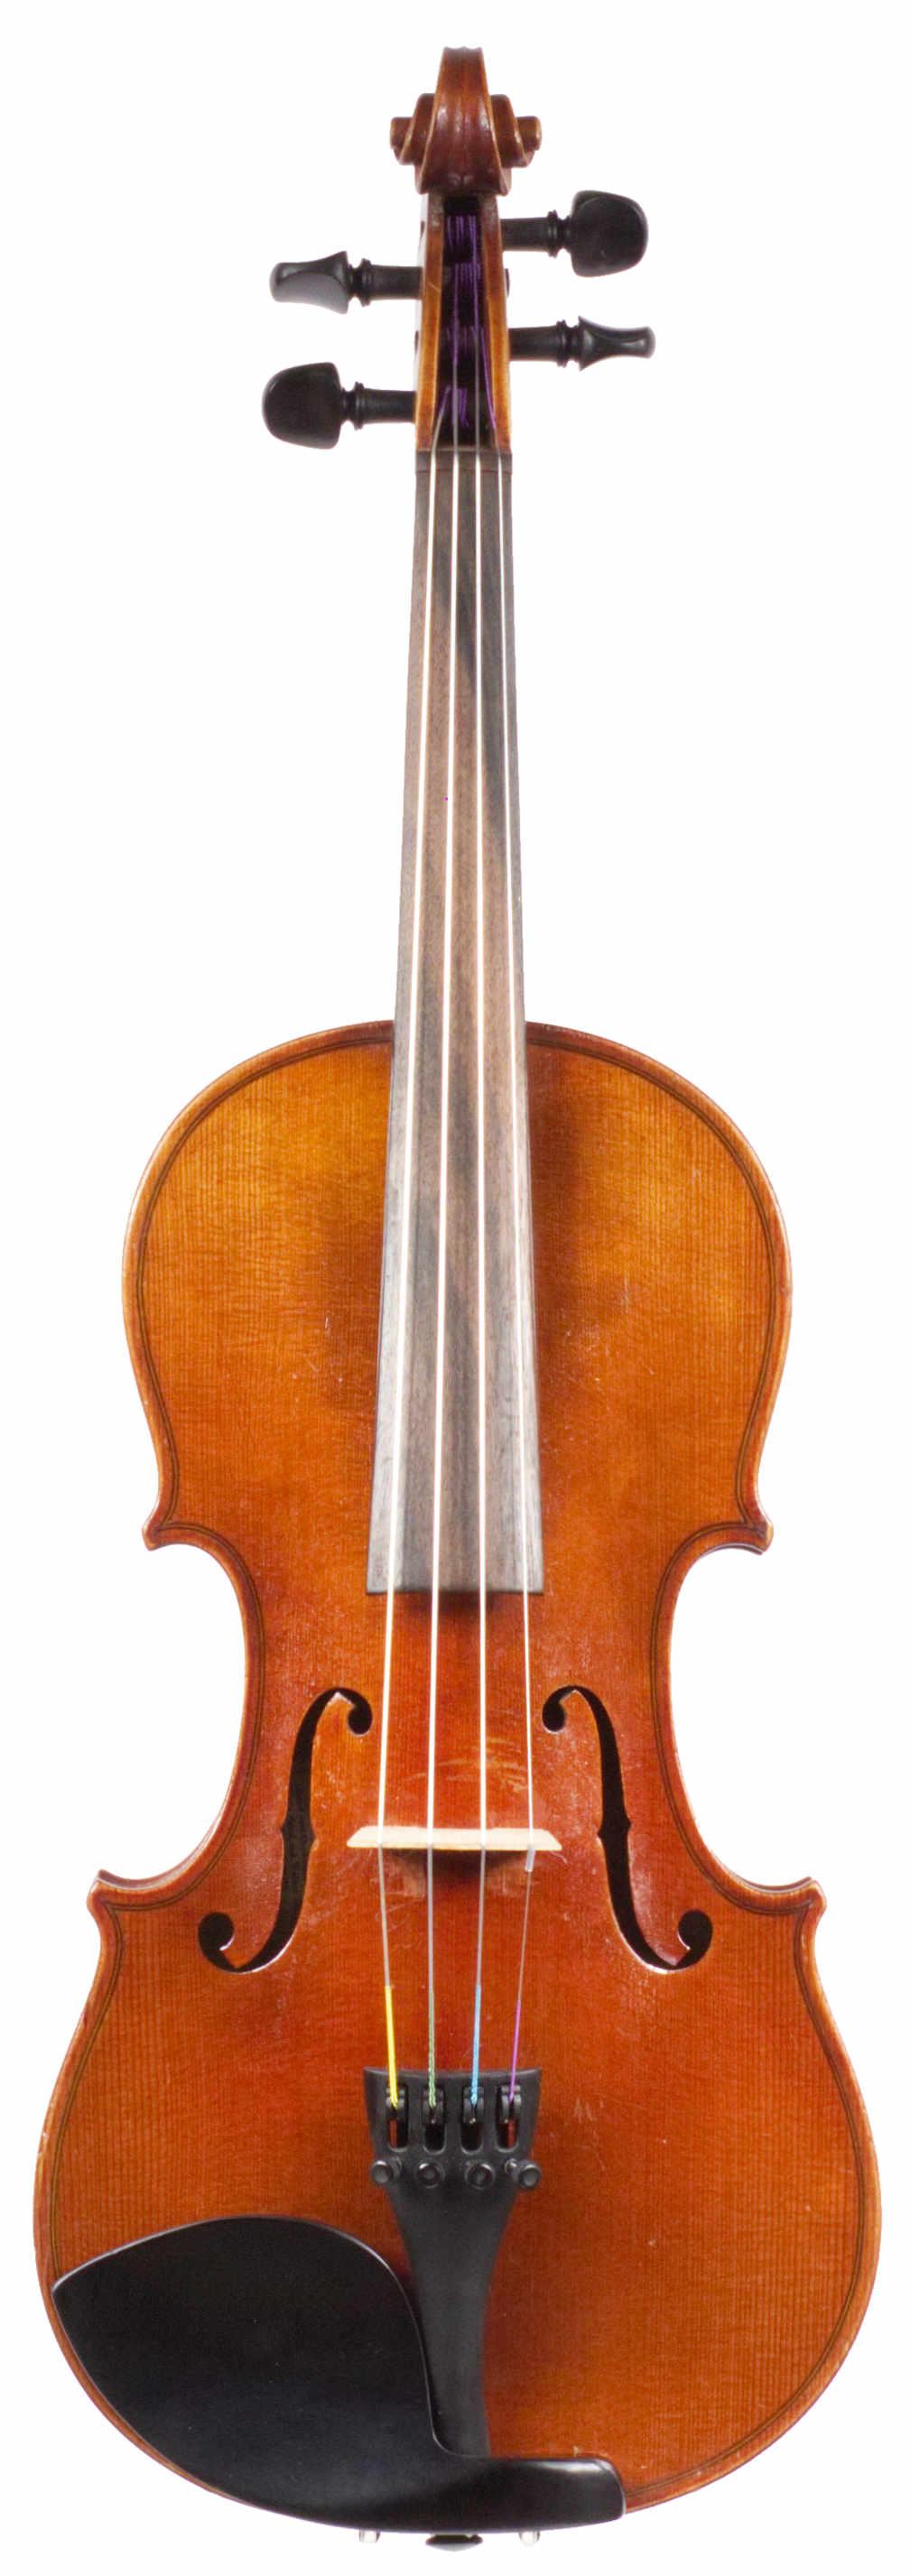 J.W. Pepper violin